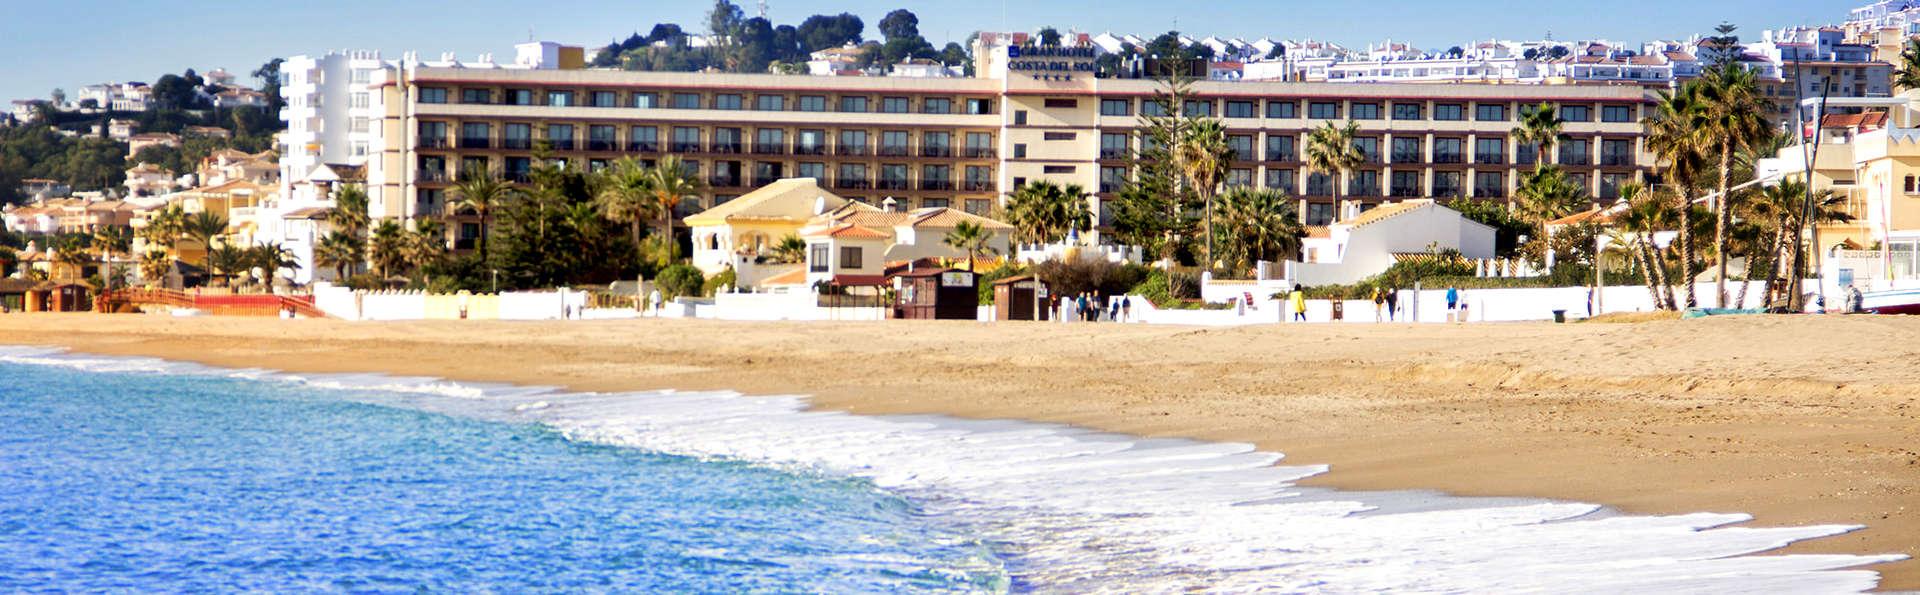 VIK Gran Hotel Costa Del Sol - Edit_Destination2.jpg